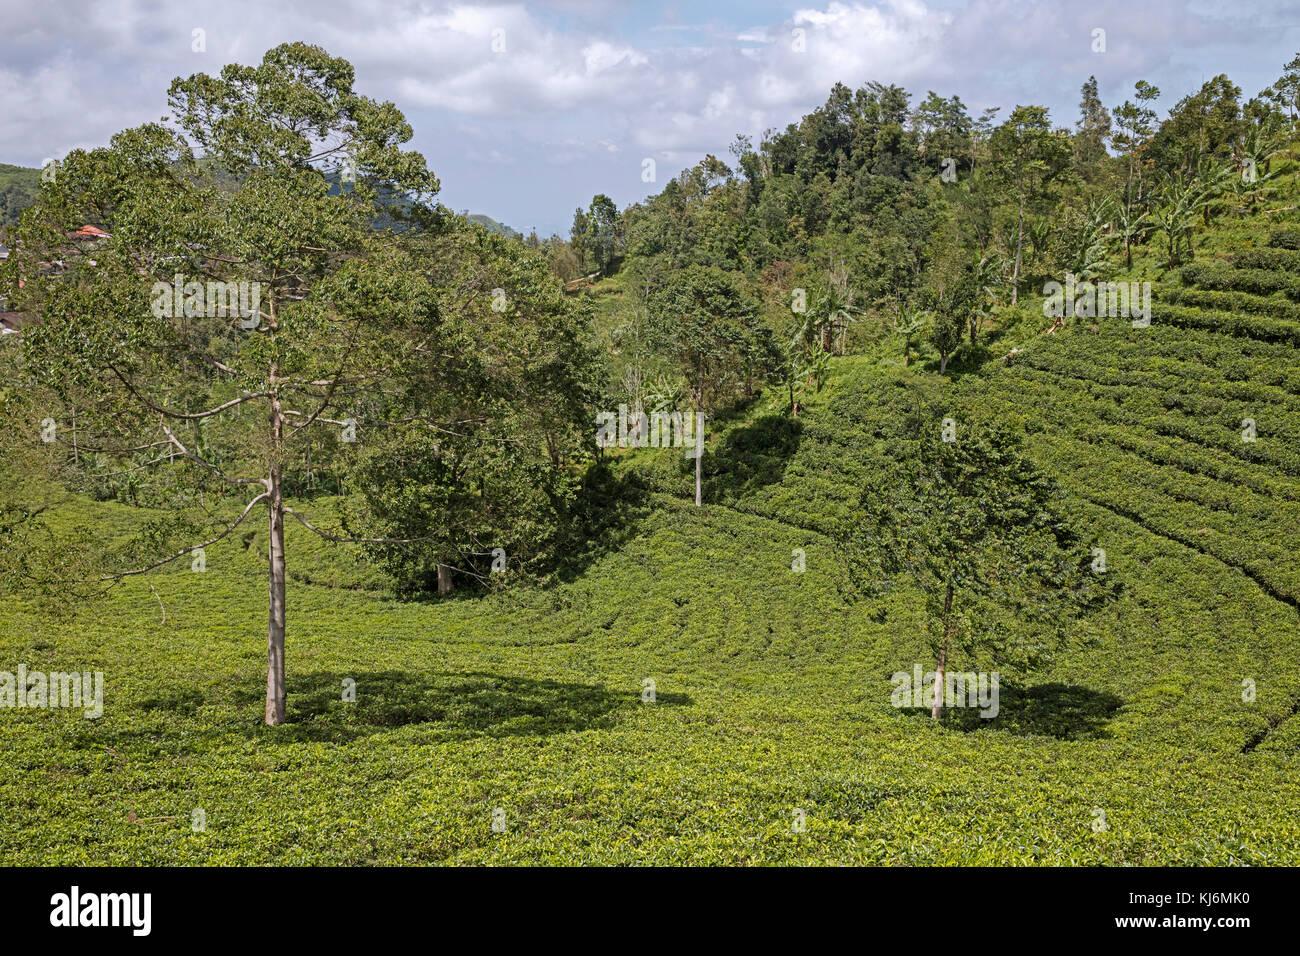 Las plantaciones de té en terrazas en las laderas del monte lawu / gunung lawu cerca solitario / Surakarta, Imagen De Stock